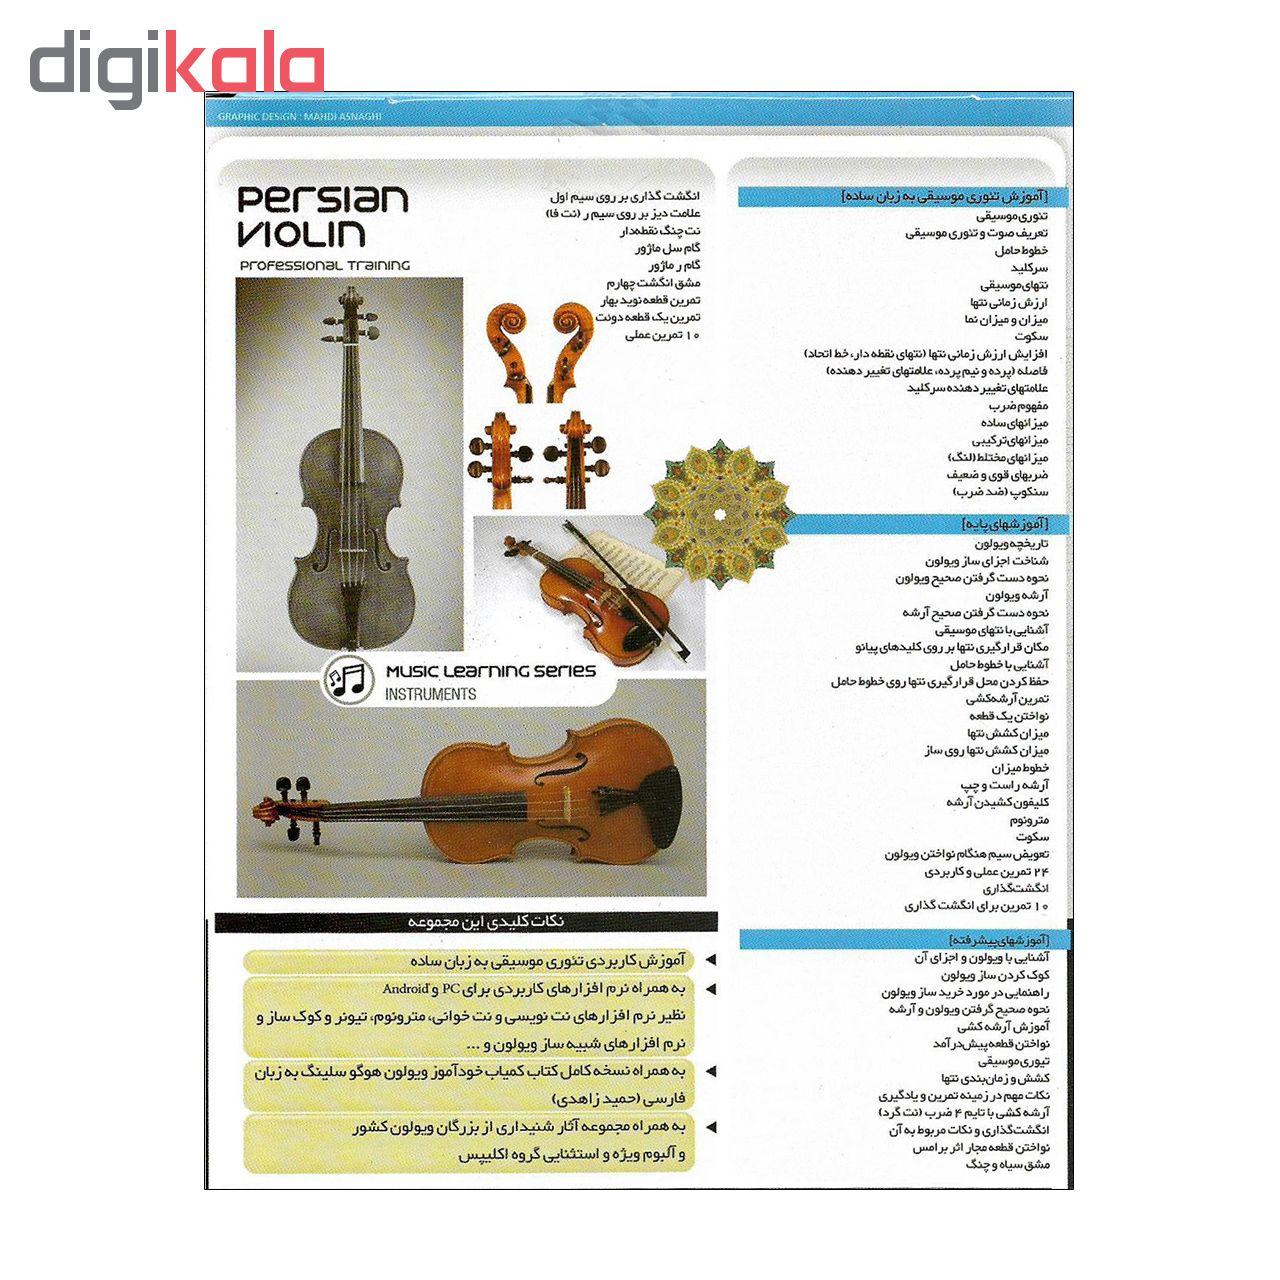 نرم افزار آموزش ویولن ایرانی نشر درنا به همراه نرم افزار آموزش تئوری موسیقی ایرانی نشر درنا